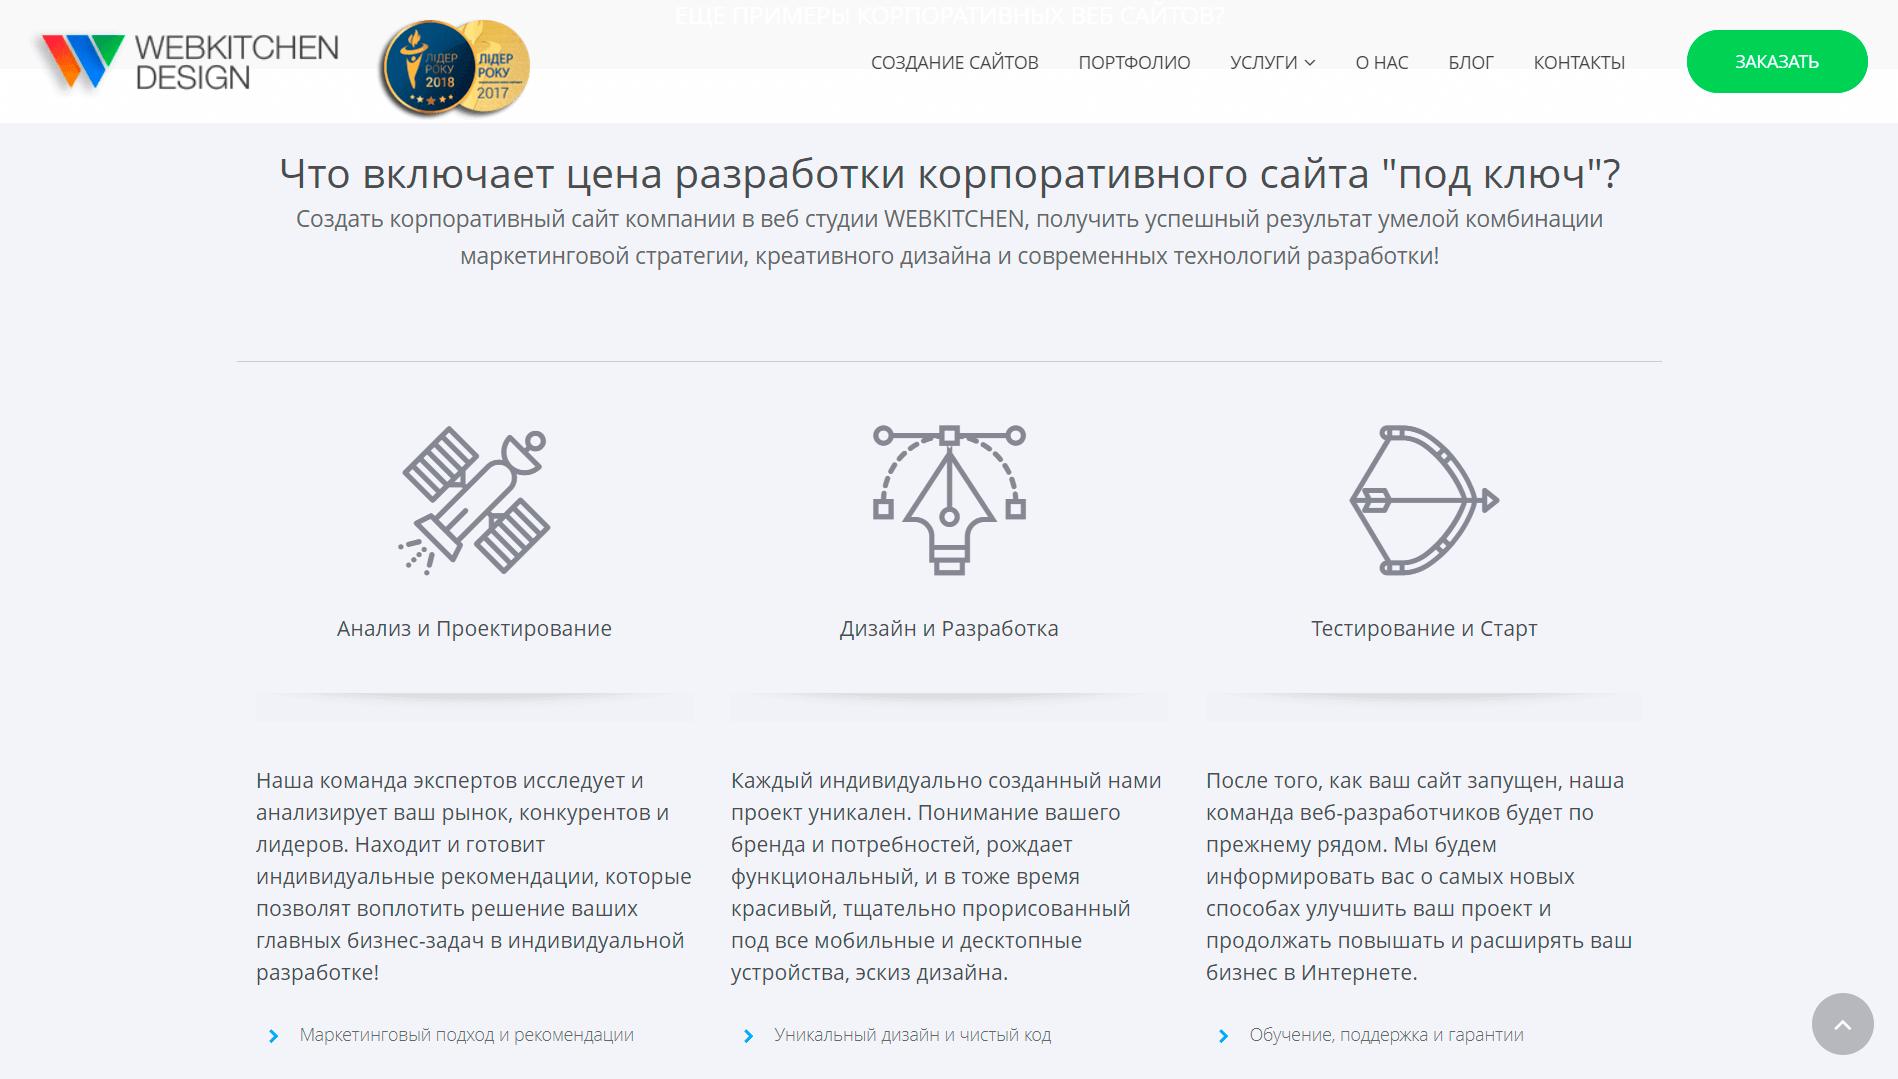 WEBKITCHEN DESIGN - обзор компании, услуги, отзывы, клиенты, Фото № 2 - google-seo.pro